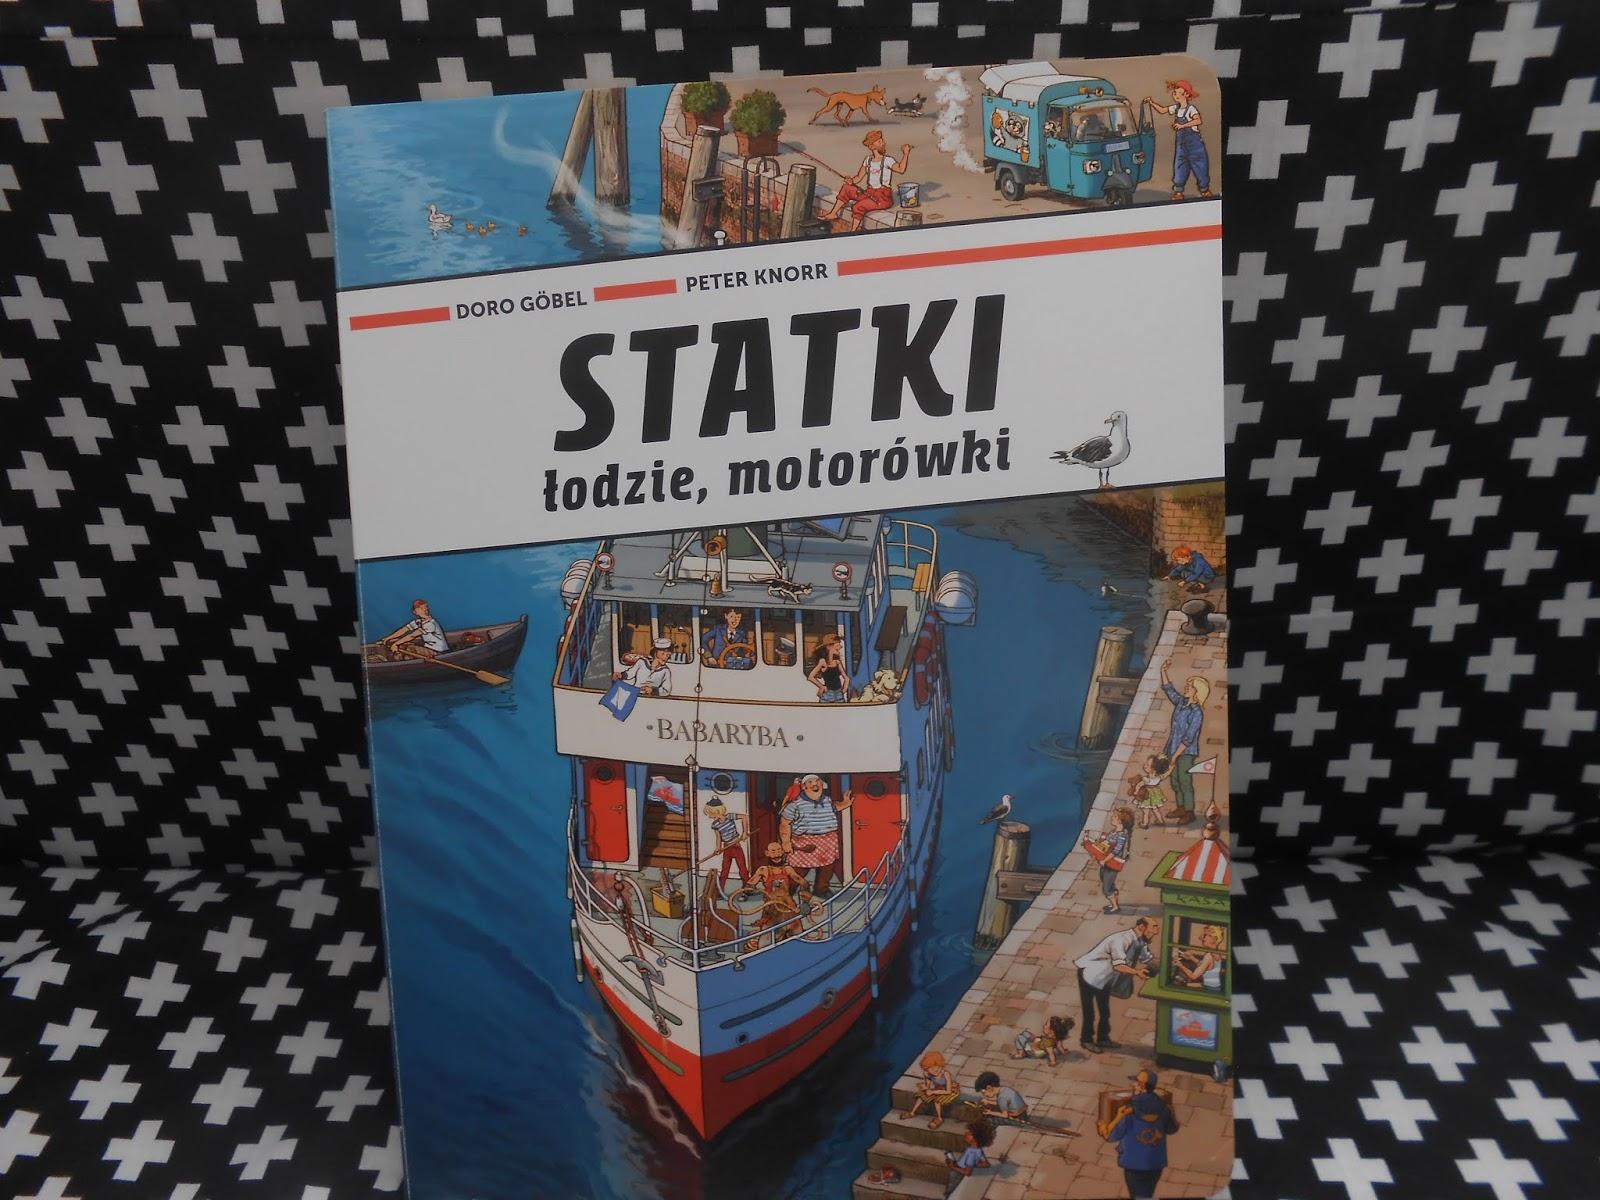 Wydawnictwo Babaryba- Statki, łodzie, motorówki- Peter Knorr, Doro Gobel